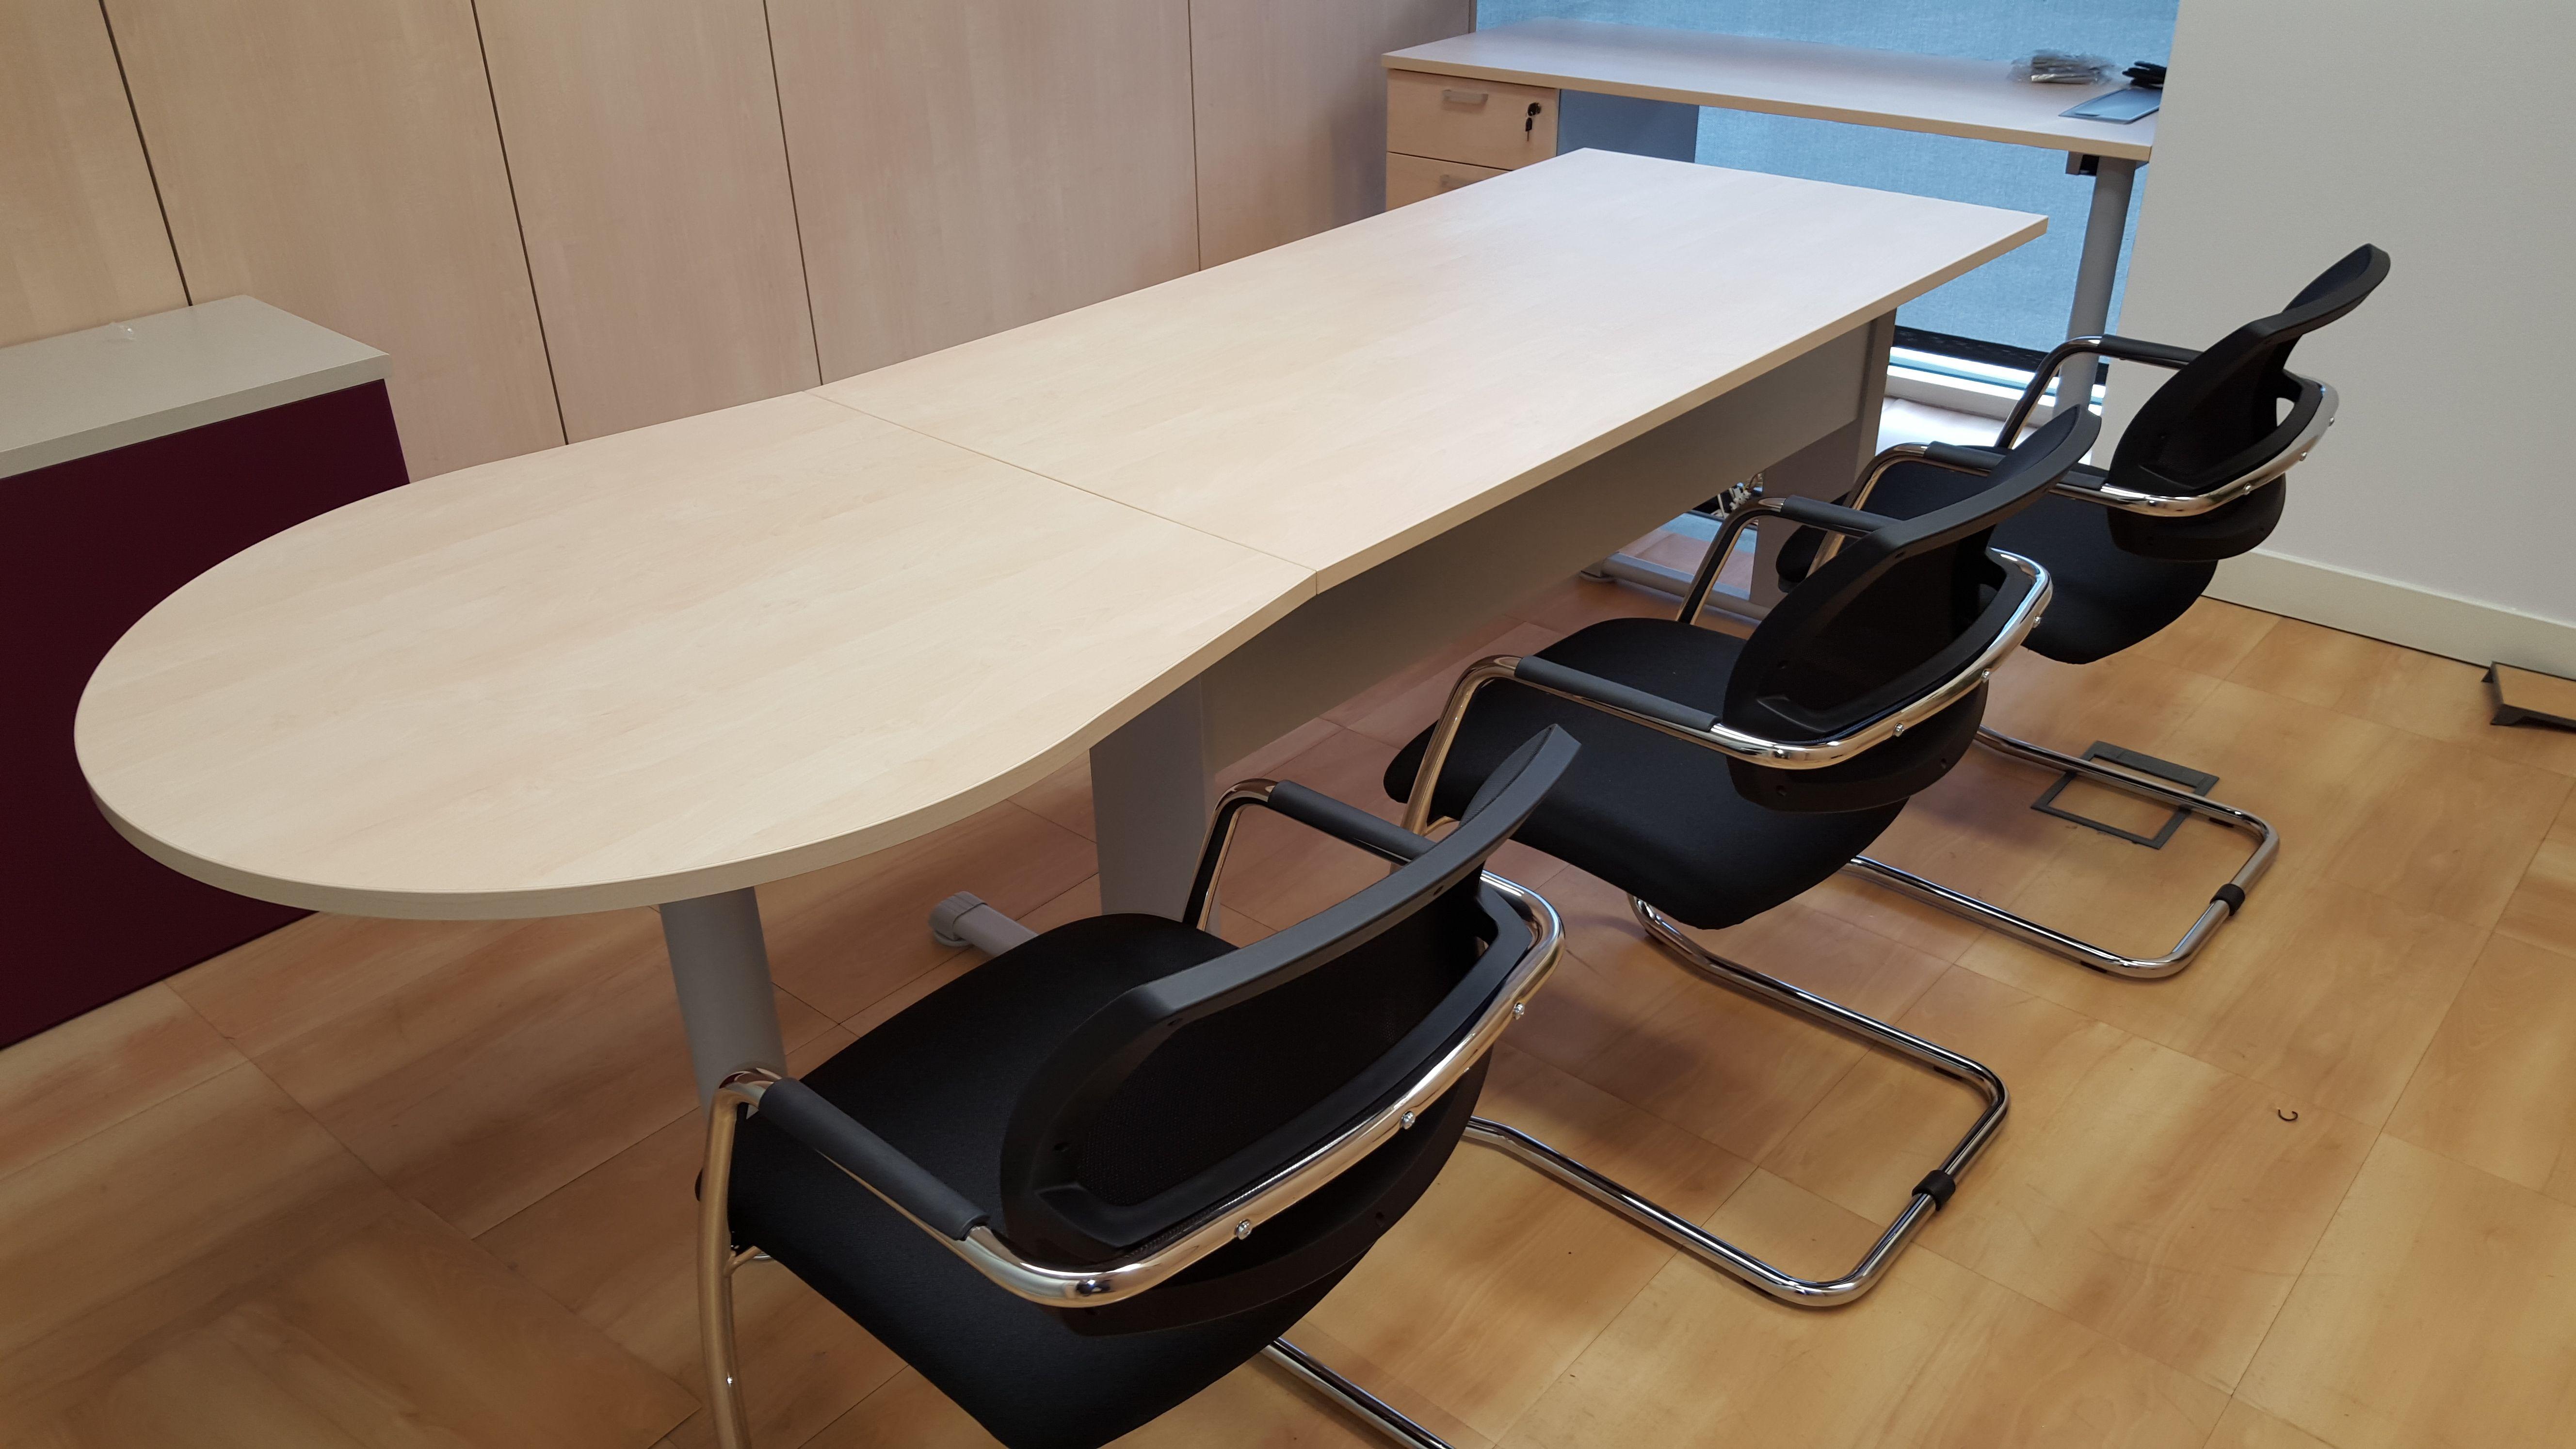 Venta de sillas modernas y cómodas en Madrid